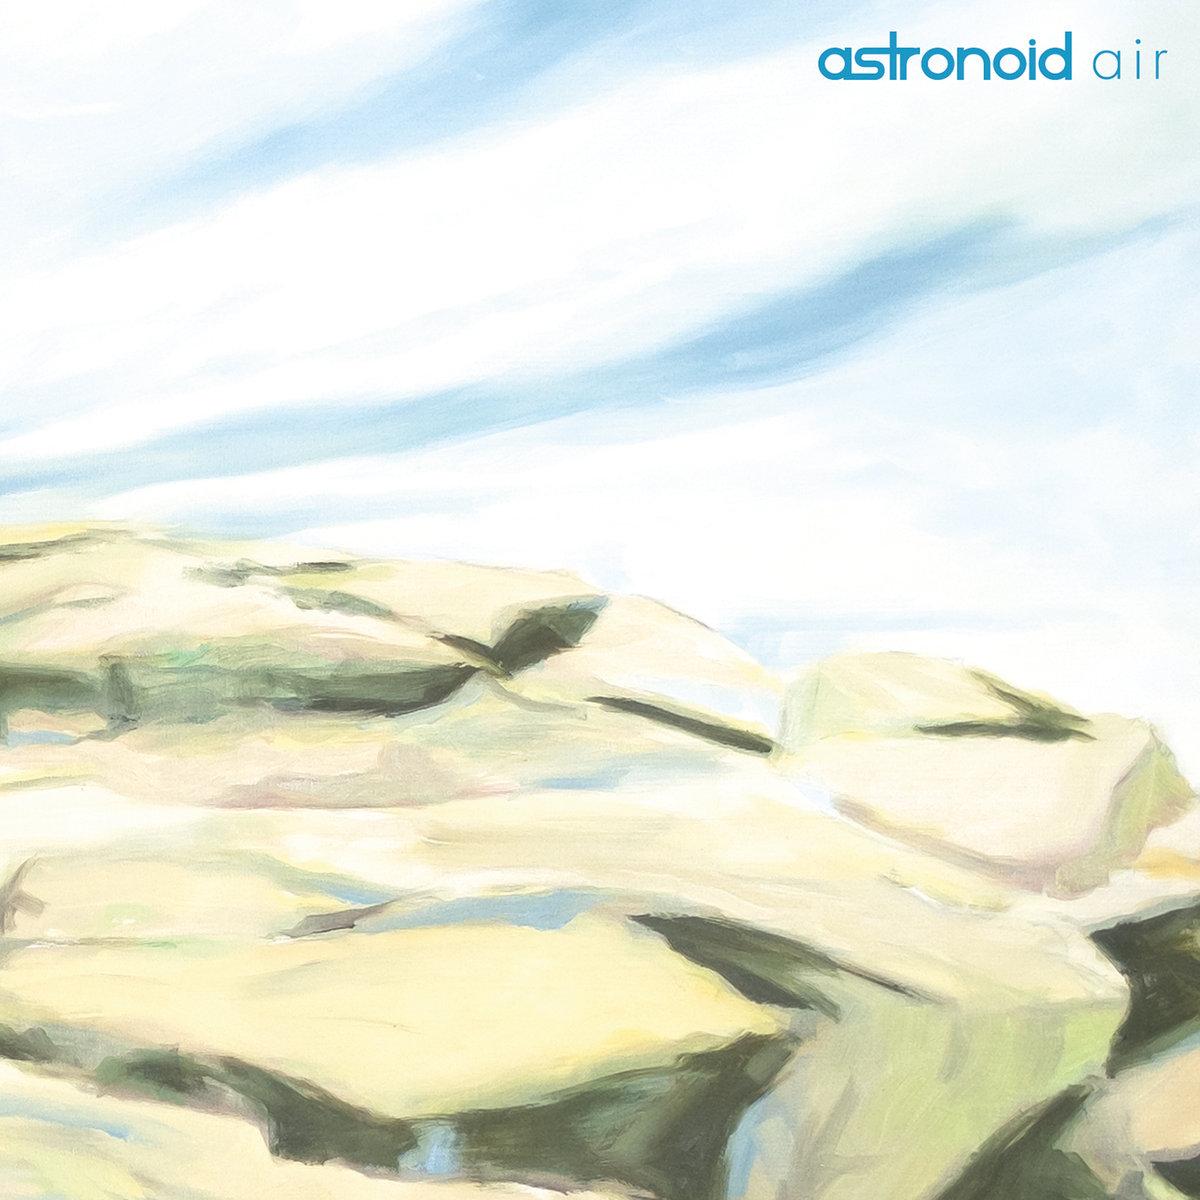 Astronoid: Air